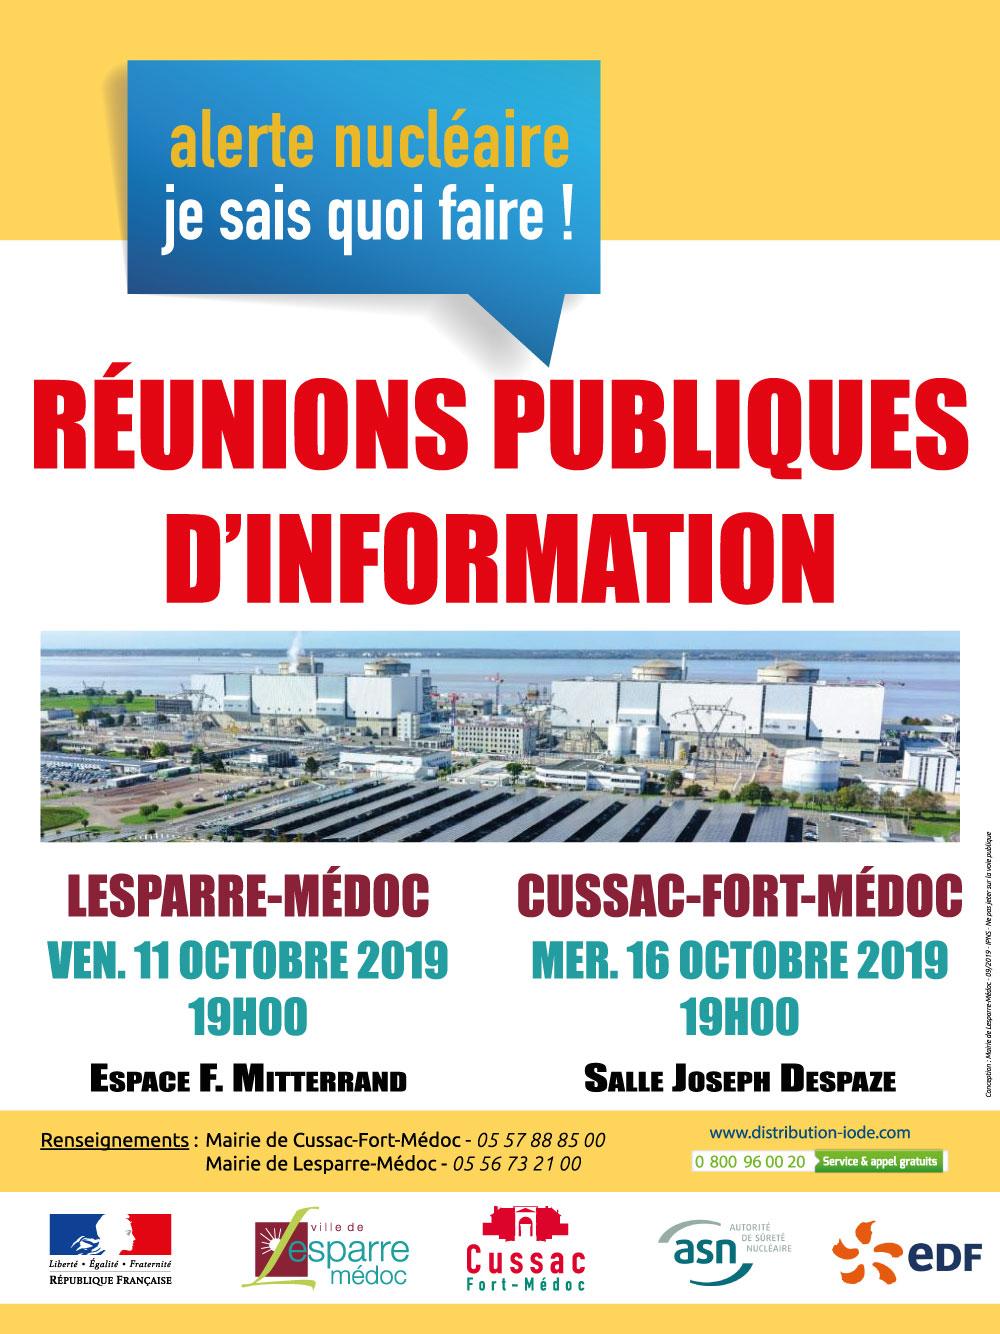 2019.10-affiches_reunions_publiques_distrib_iode_Final